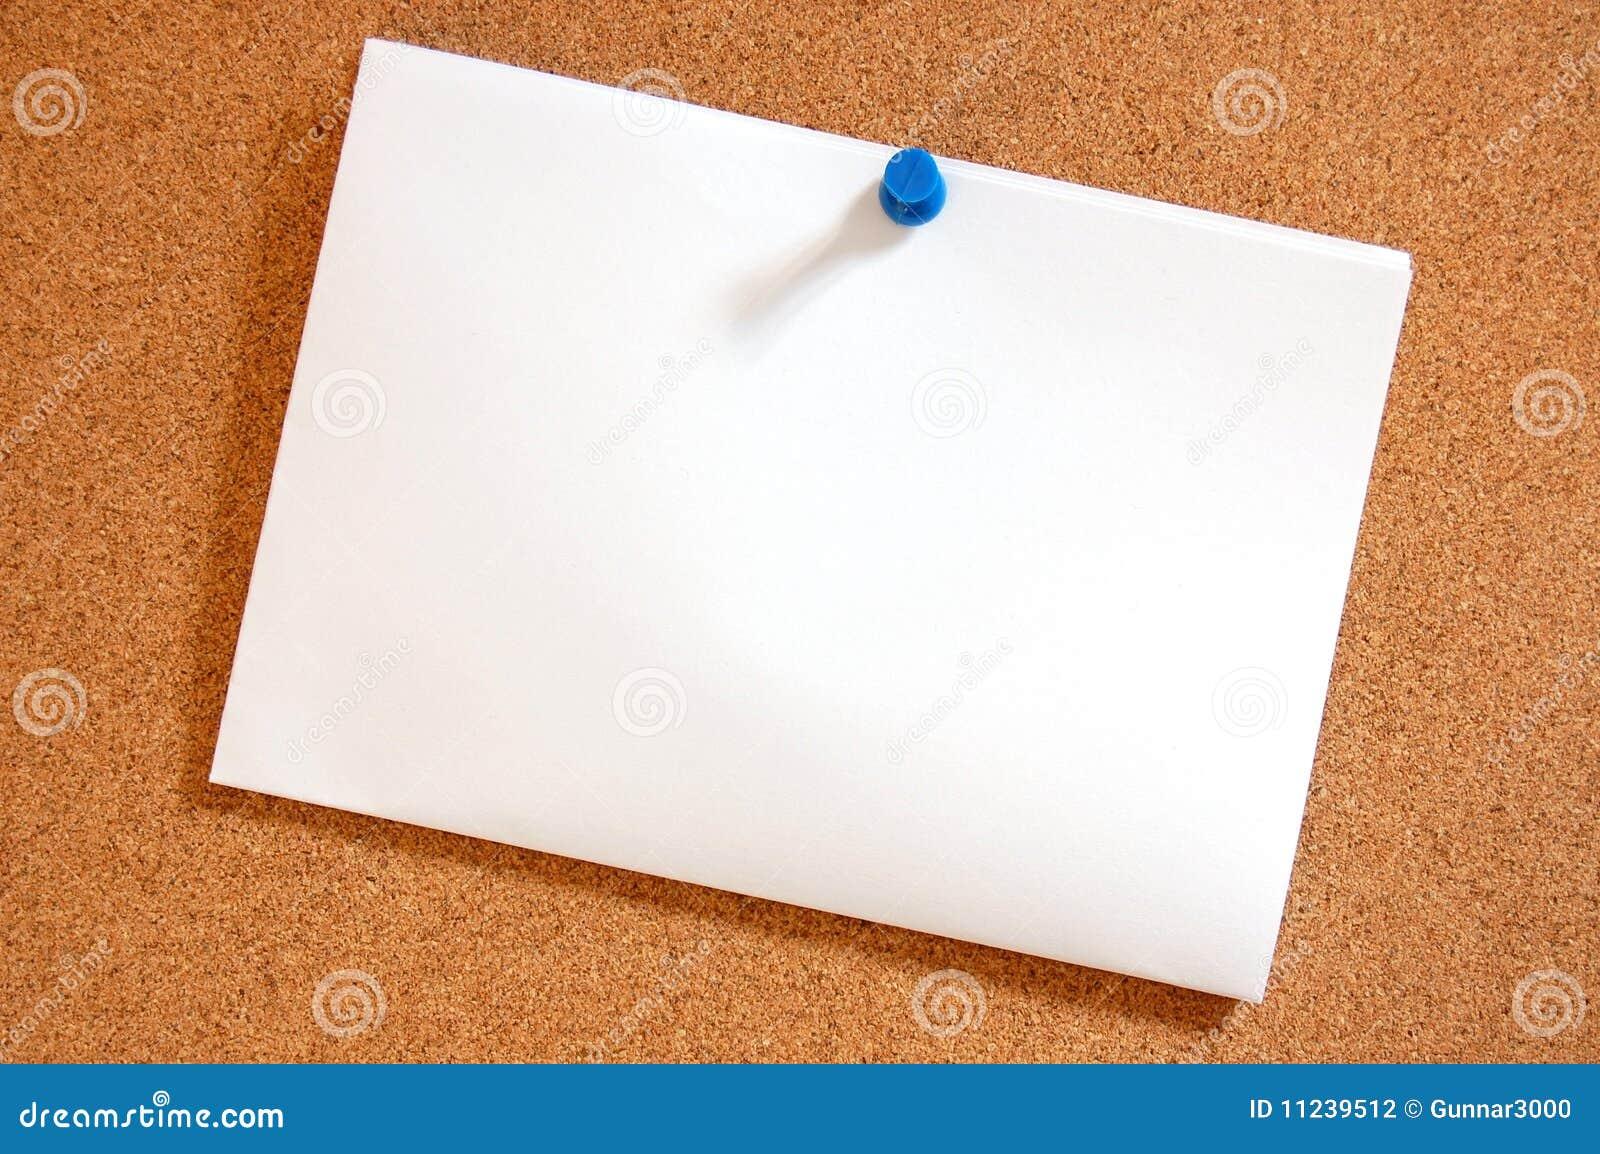 Как сделать надпись невидимой на листе бумаги